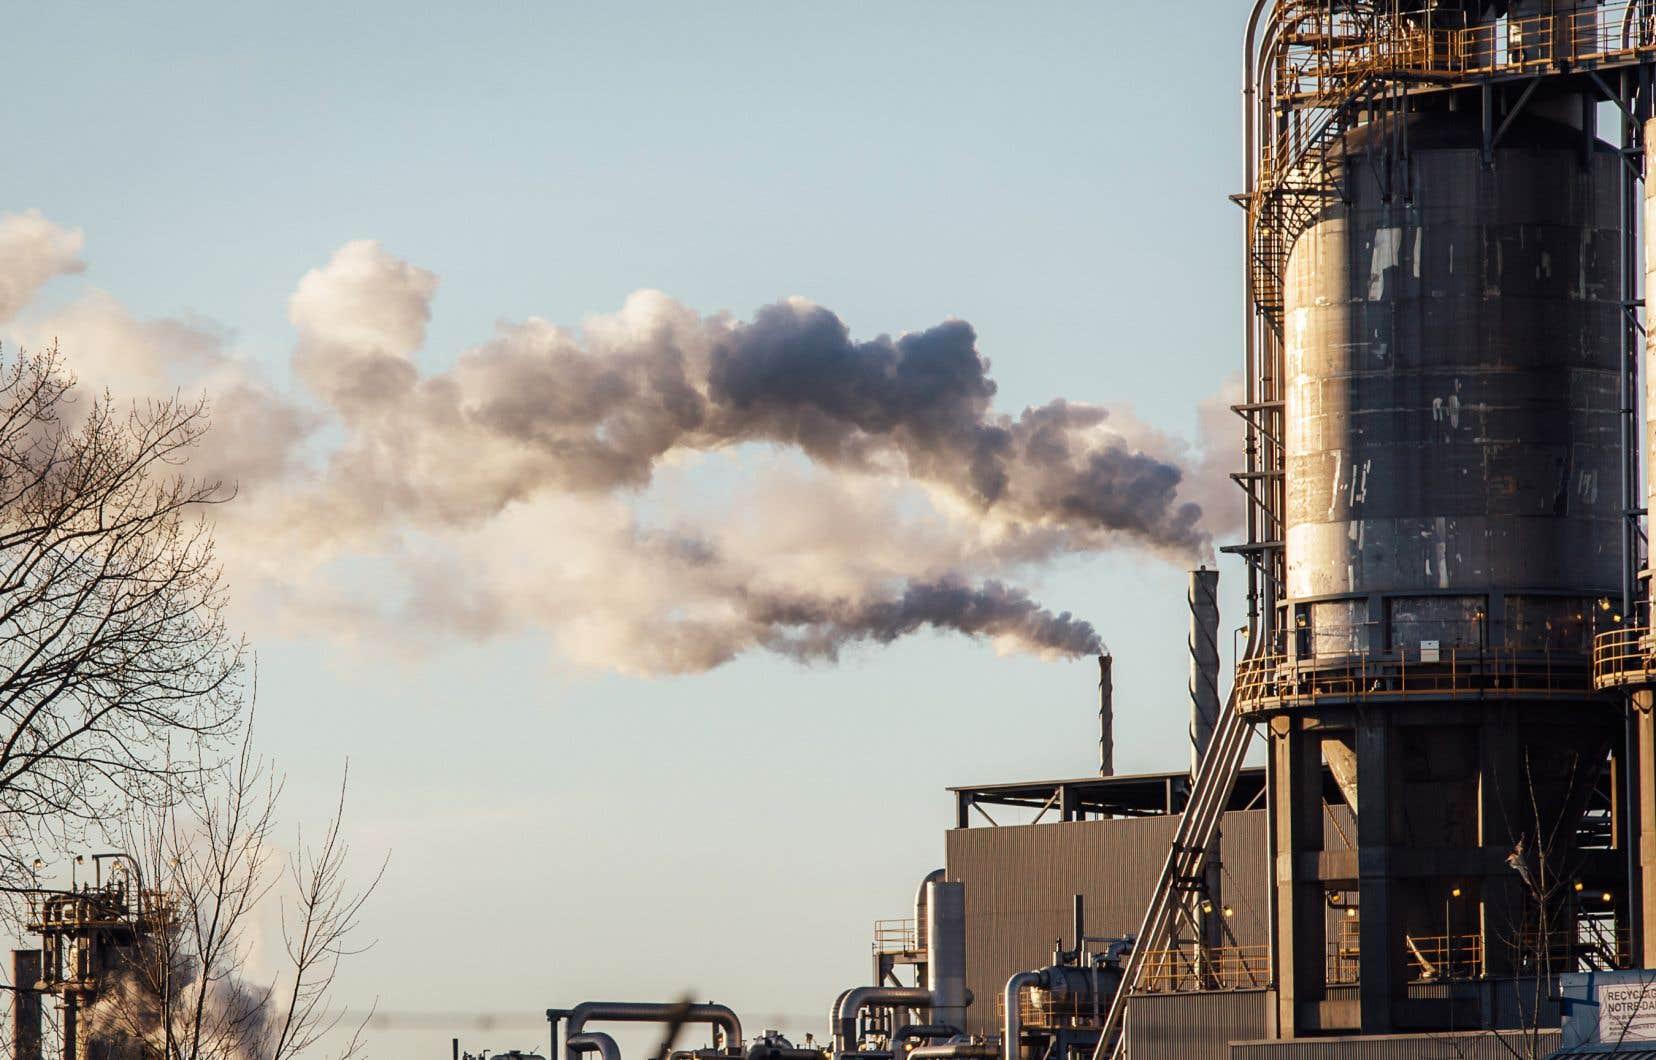 «En fixant la première cible à 2030, le gouvernement canadien envoie comme message au reste du monde qu'il n'est pas prêt à agir dès maintenant, ce qui est pourtant crucial pour ralentir le réchauffement», écrivent les auteurs.